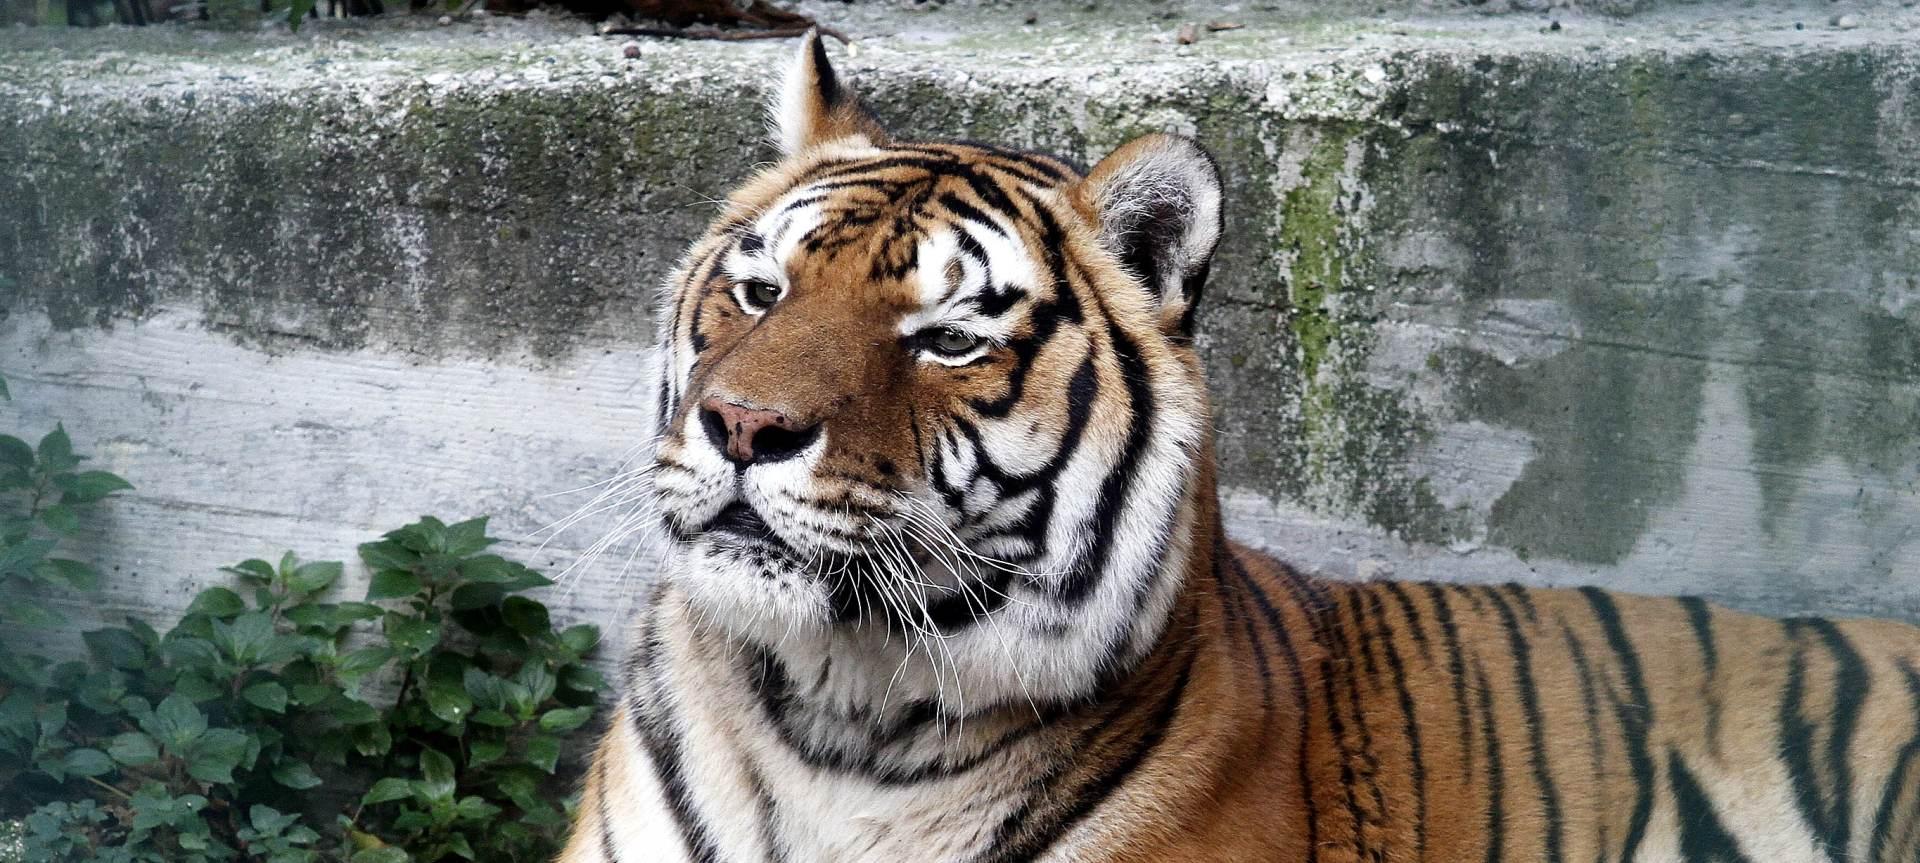 VIDEO: Tajlandskom Hramu tigrova nije produljena dozvola za držanje životinja